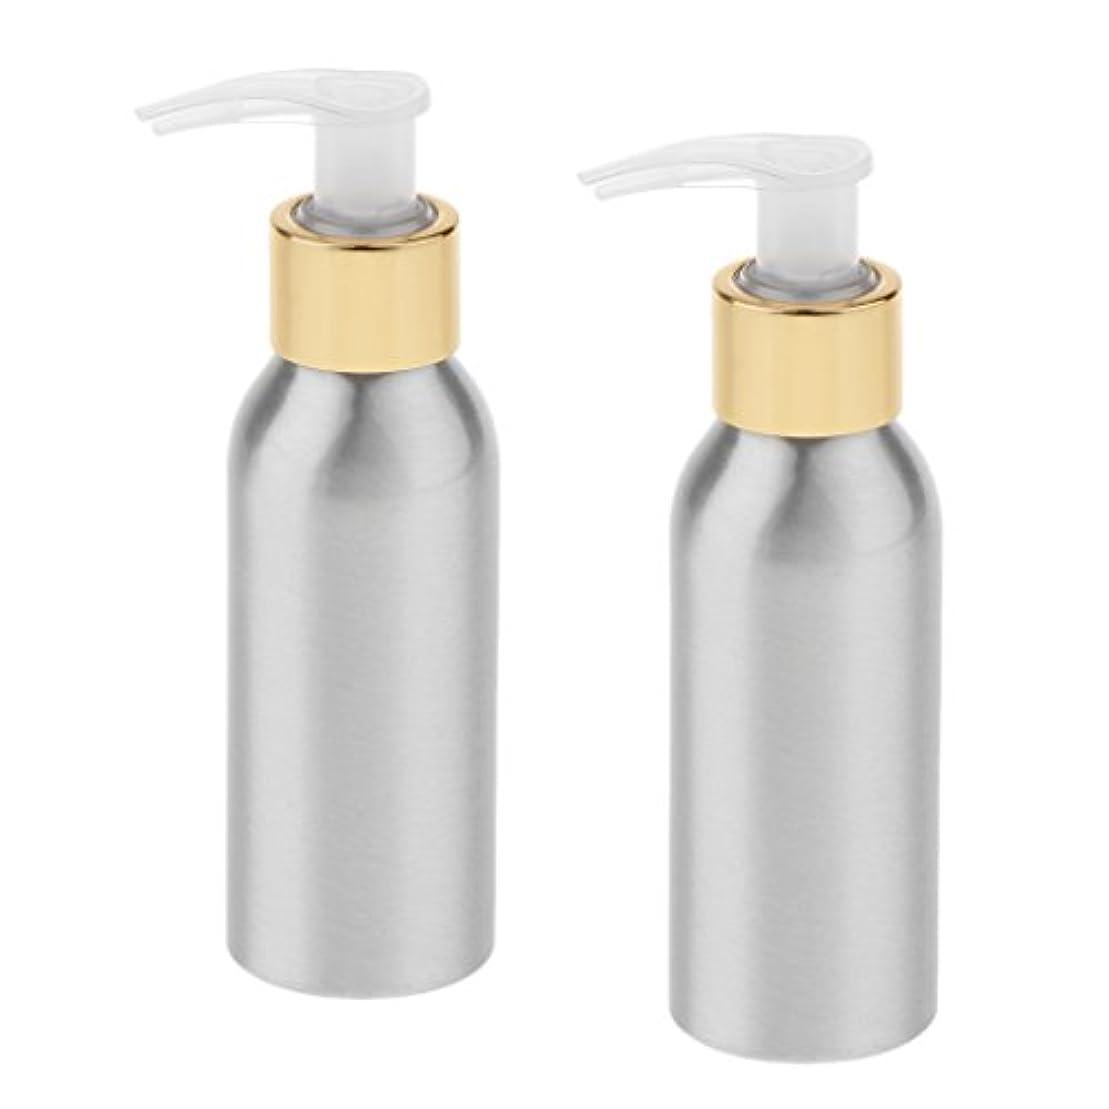 インキュバス乱れカプセル2本 スプレーボトル 空ボトル アルミボトル スプレー ポンプボトル 香水ボトル シャンプー 噴霧器 アトマイザー 6サイズ選択 - 120ml